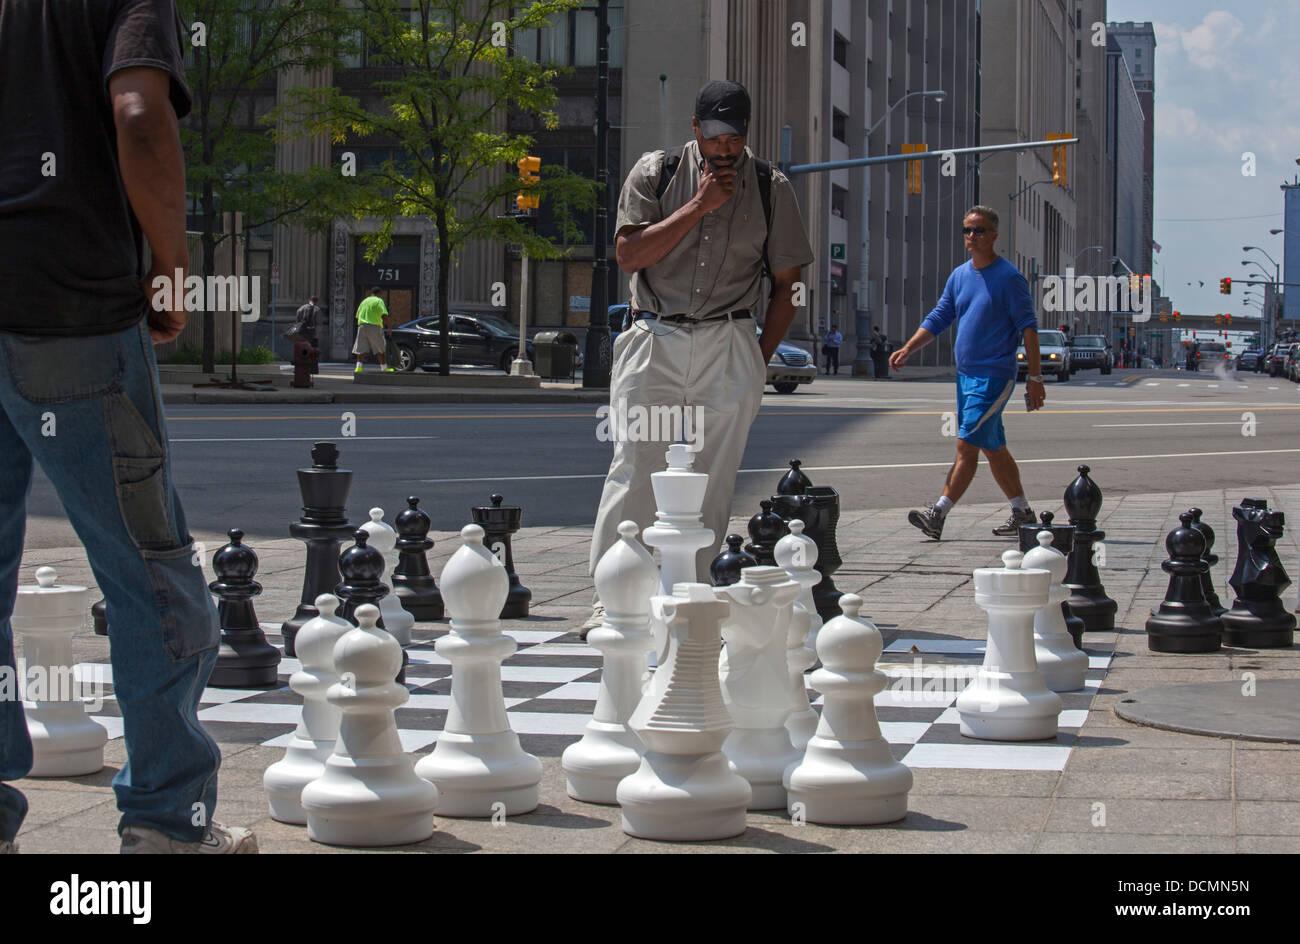 Detroit, Michigan - due uomini giocare a scacchi su un marciapiede scacchiera nel centro di Detroit. Immagini Stock